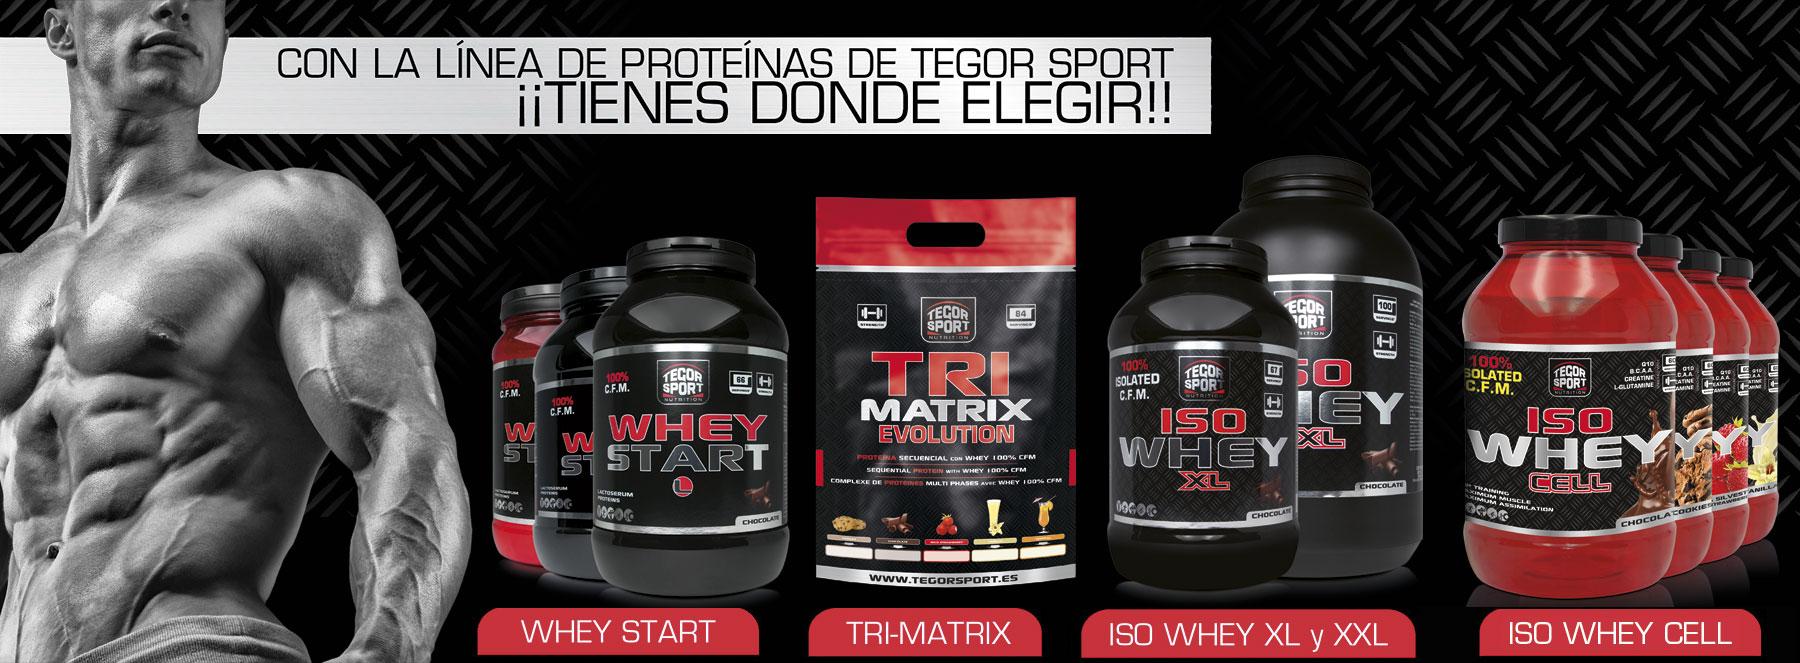 Gama de proteínas de Tegor Sport